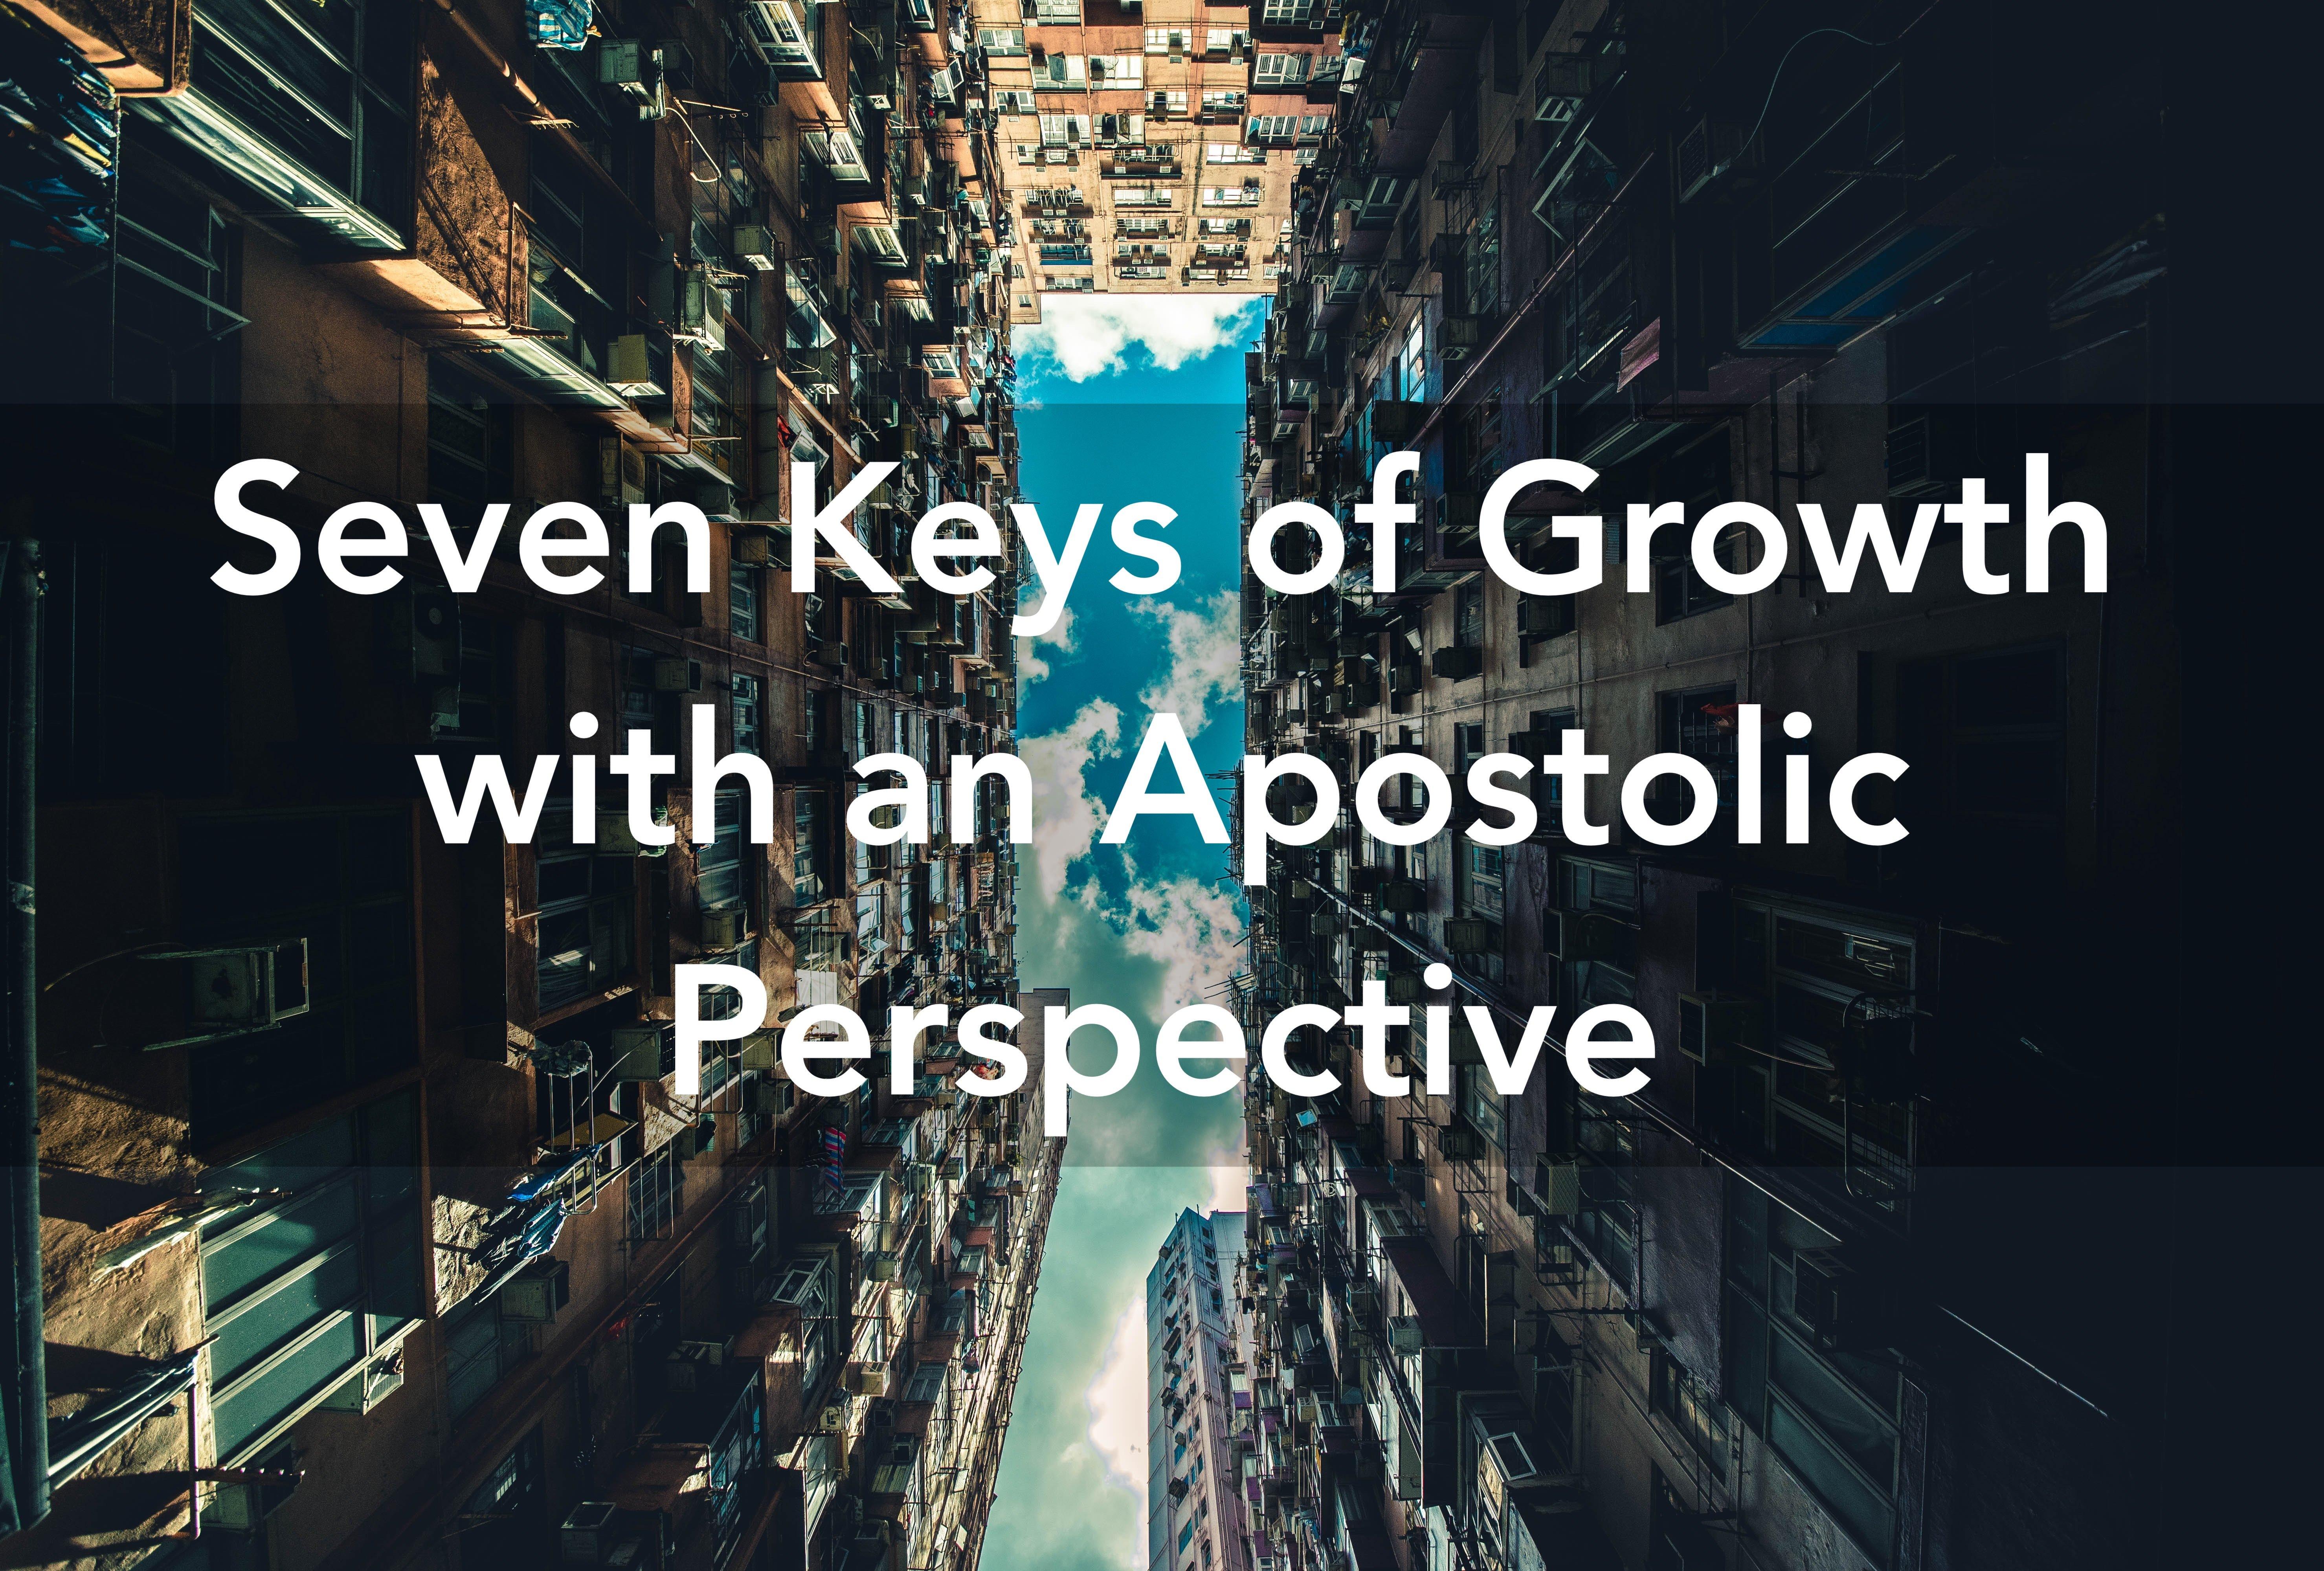 apostolic perspective